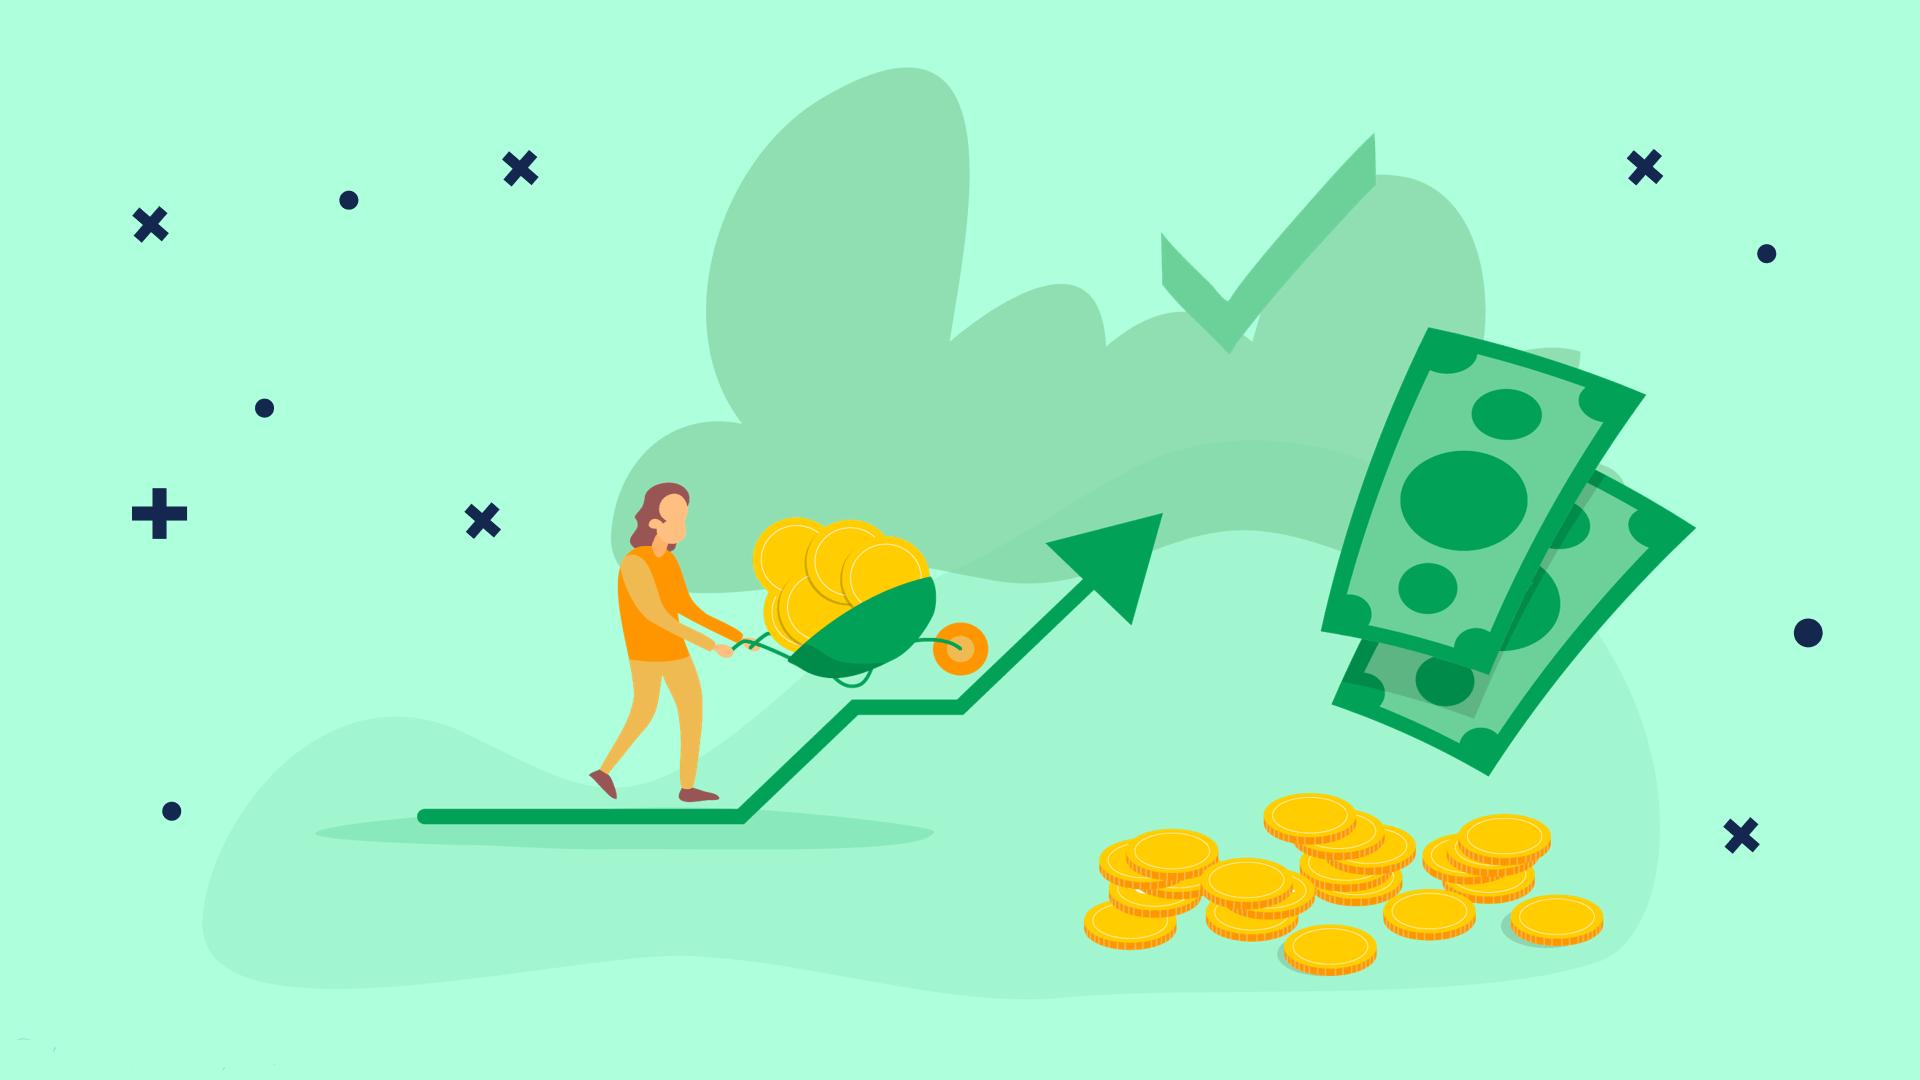 بورسی شدن چه مزیتی برای یک شرکت دارد؟